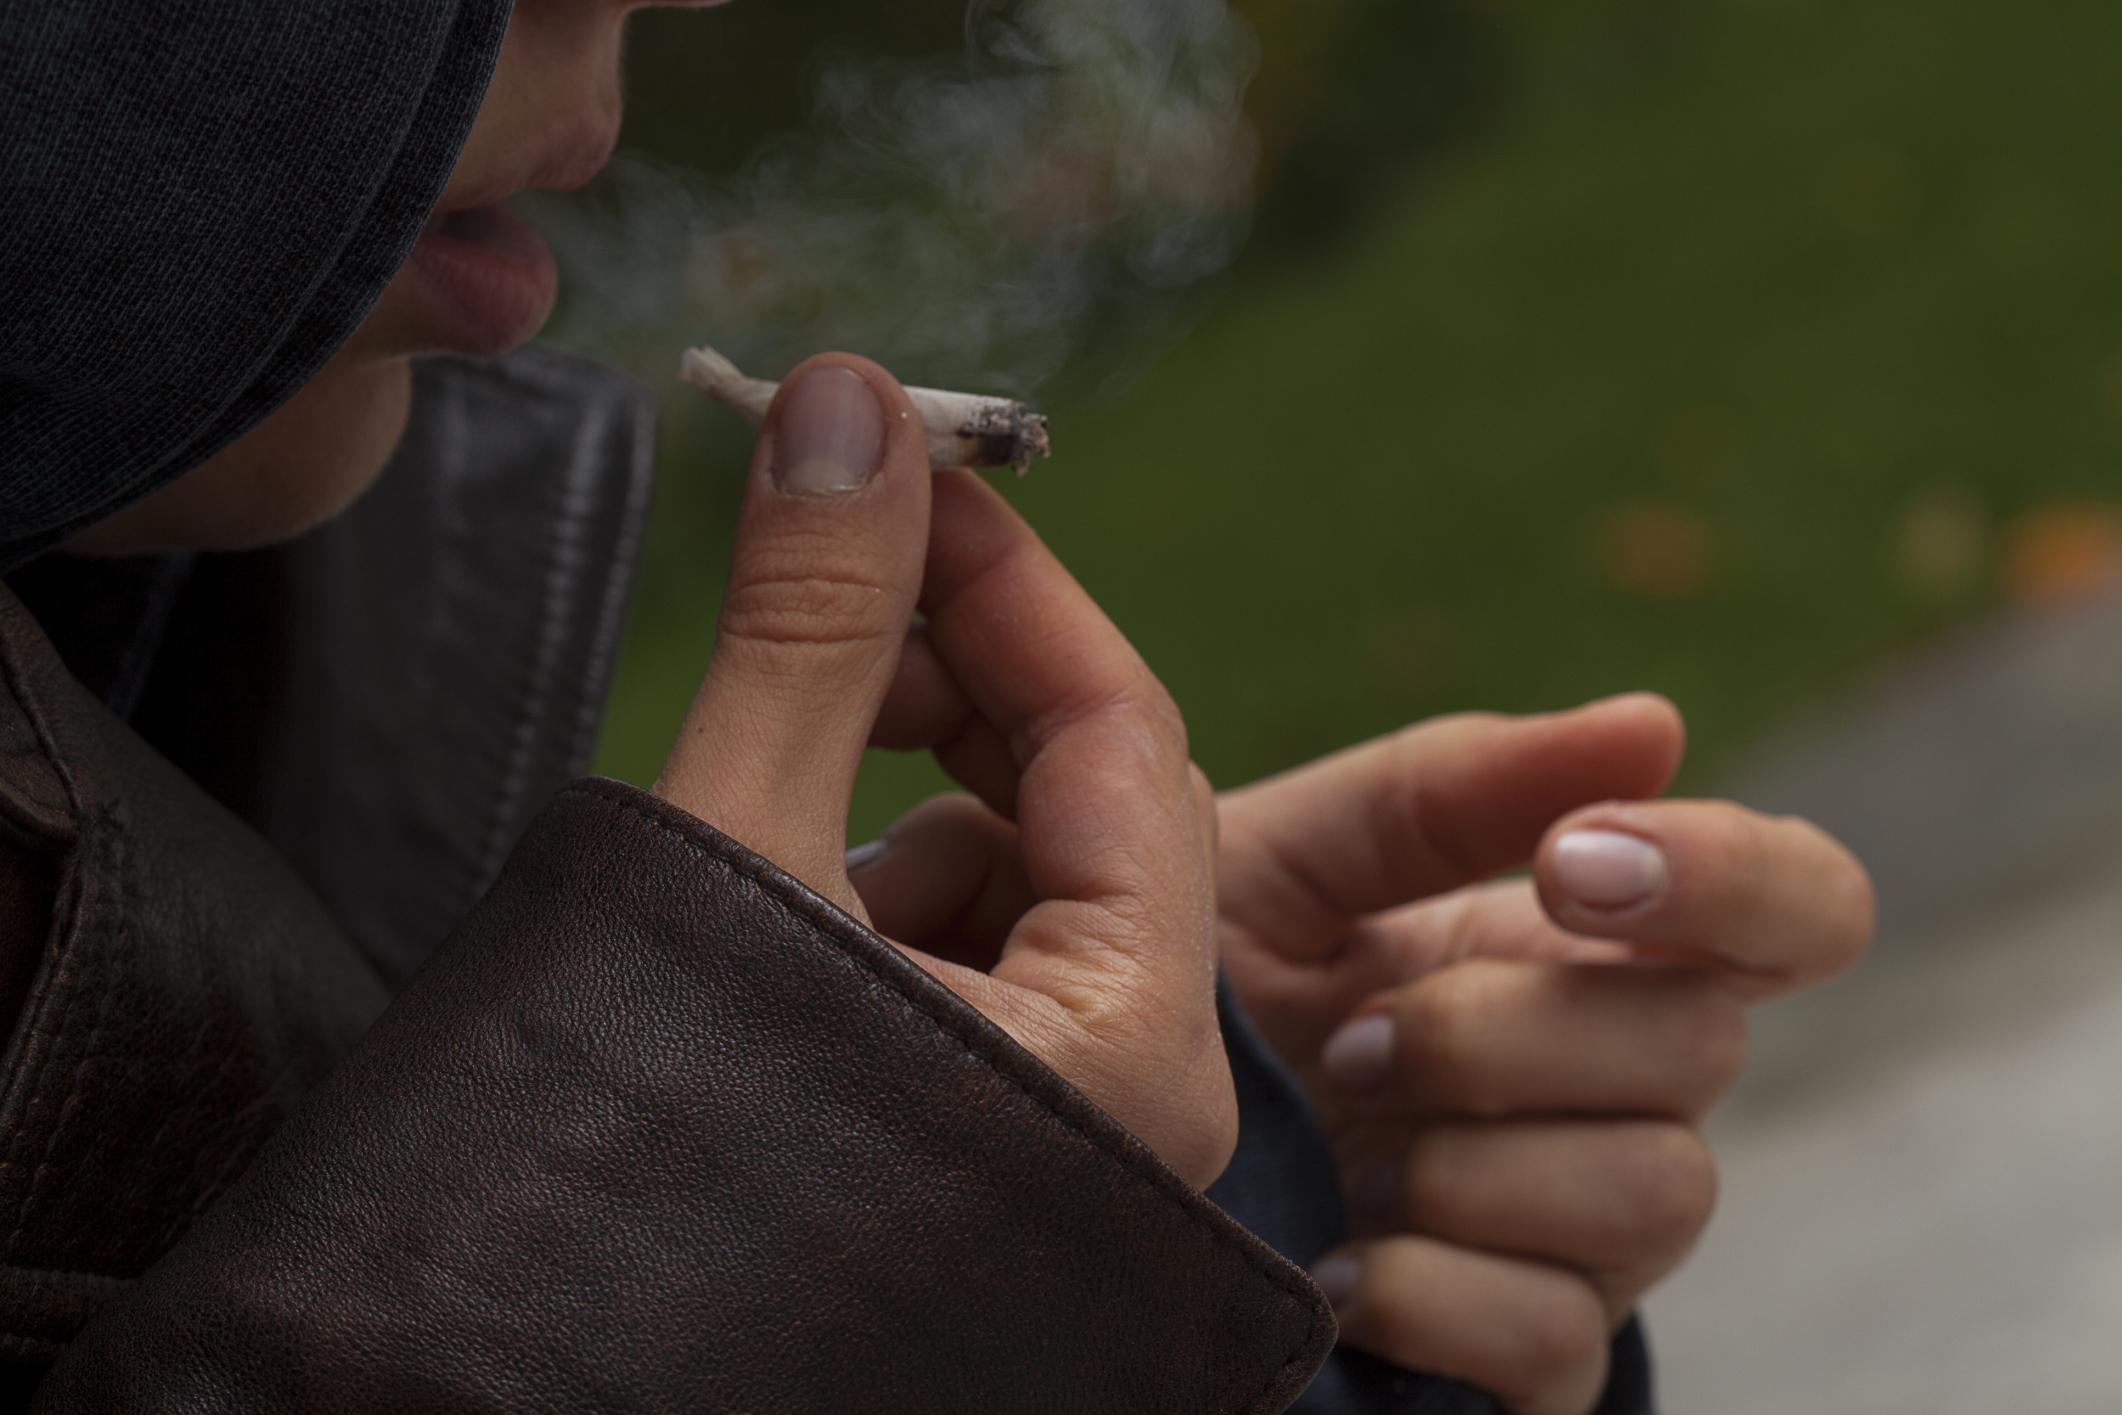 Cannabis e Spice droghe più consumate dagli studenti italiani